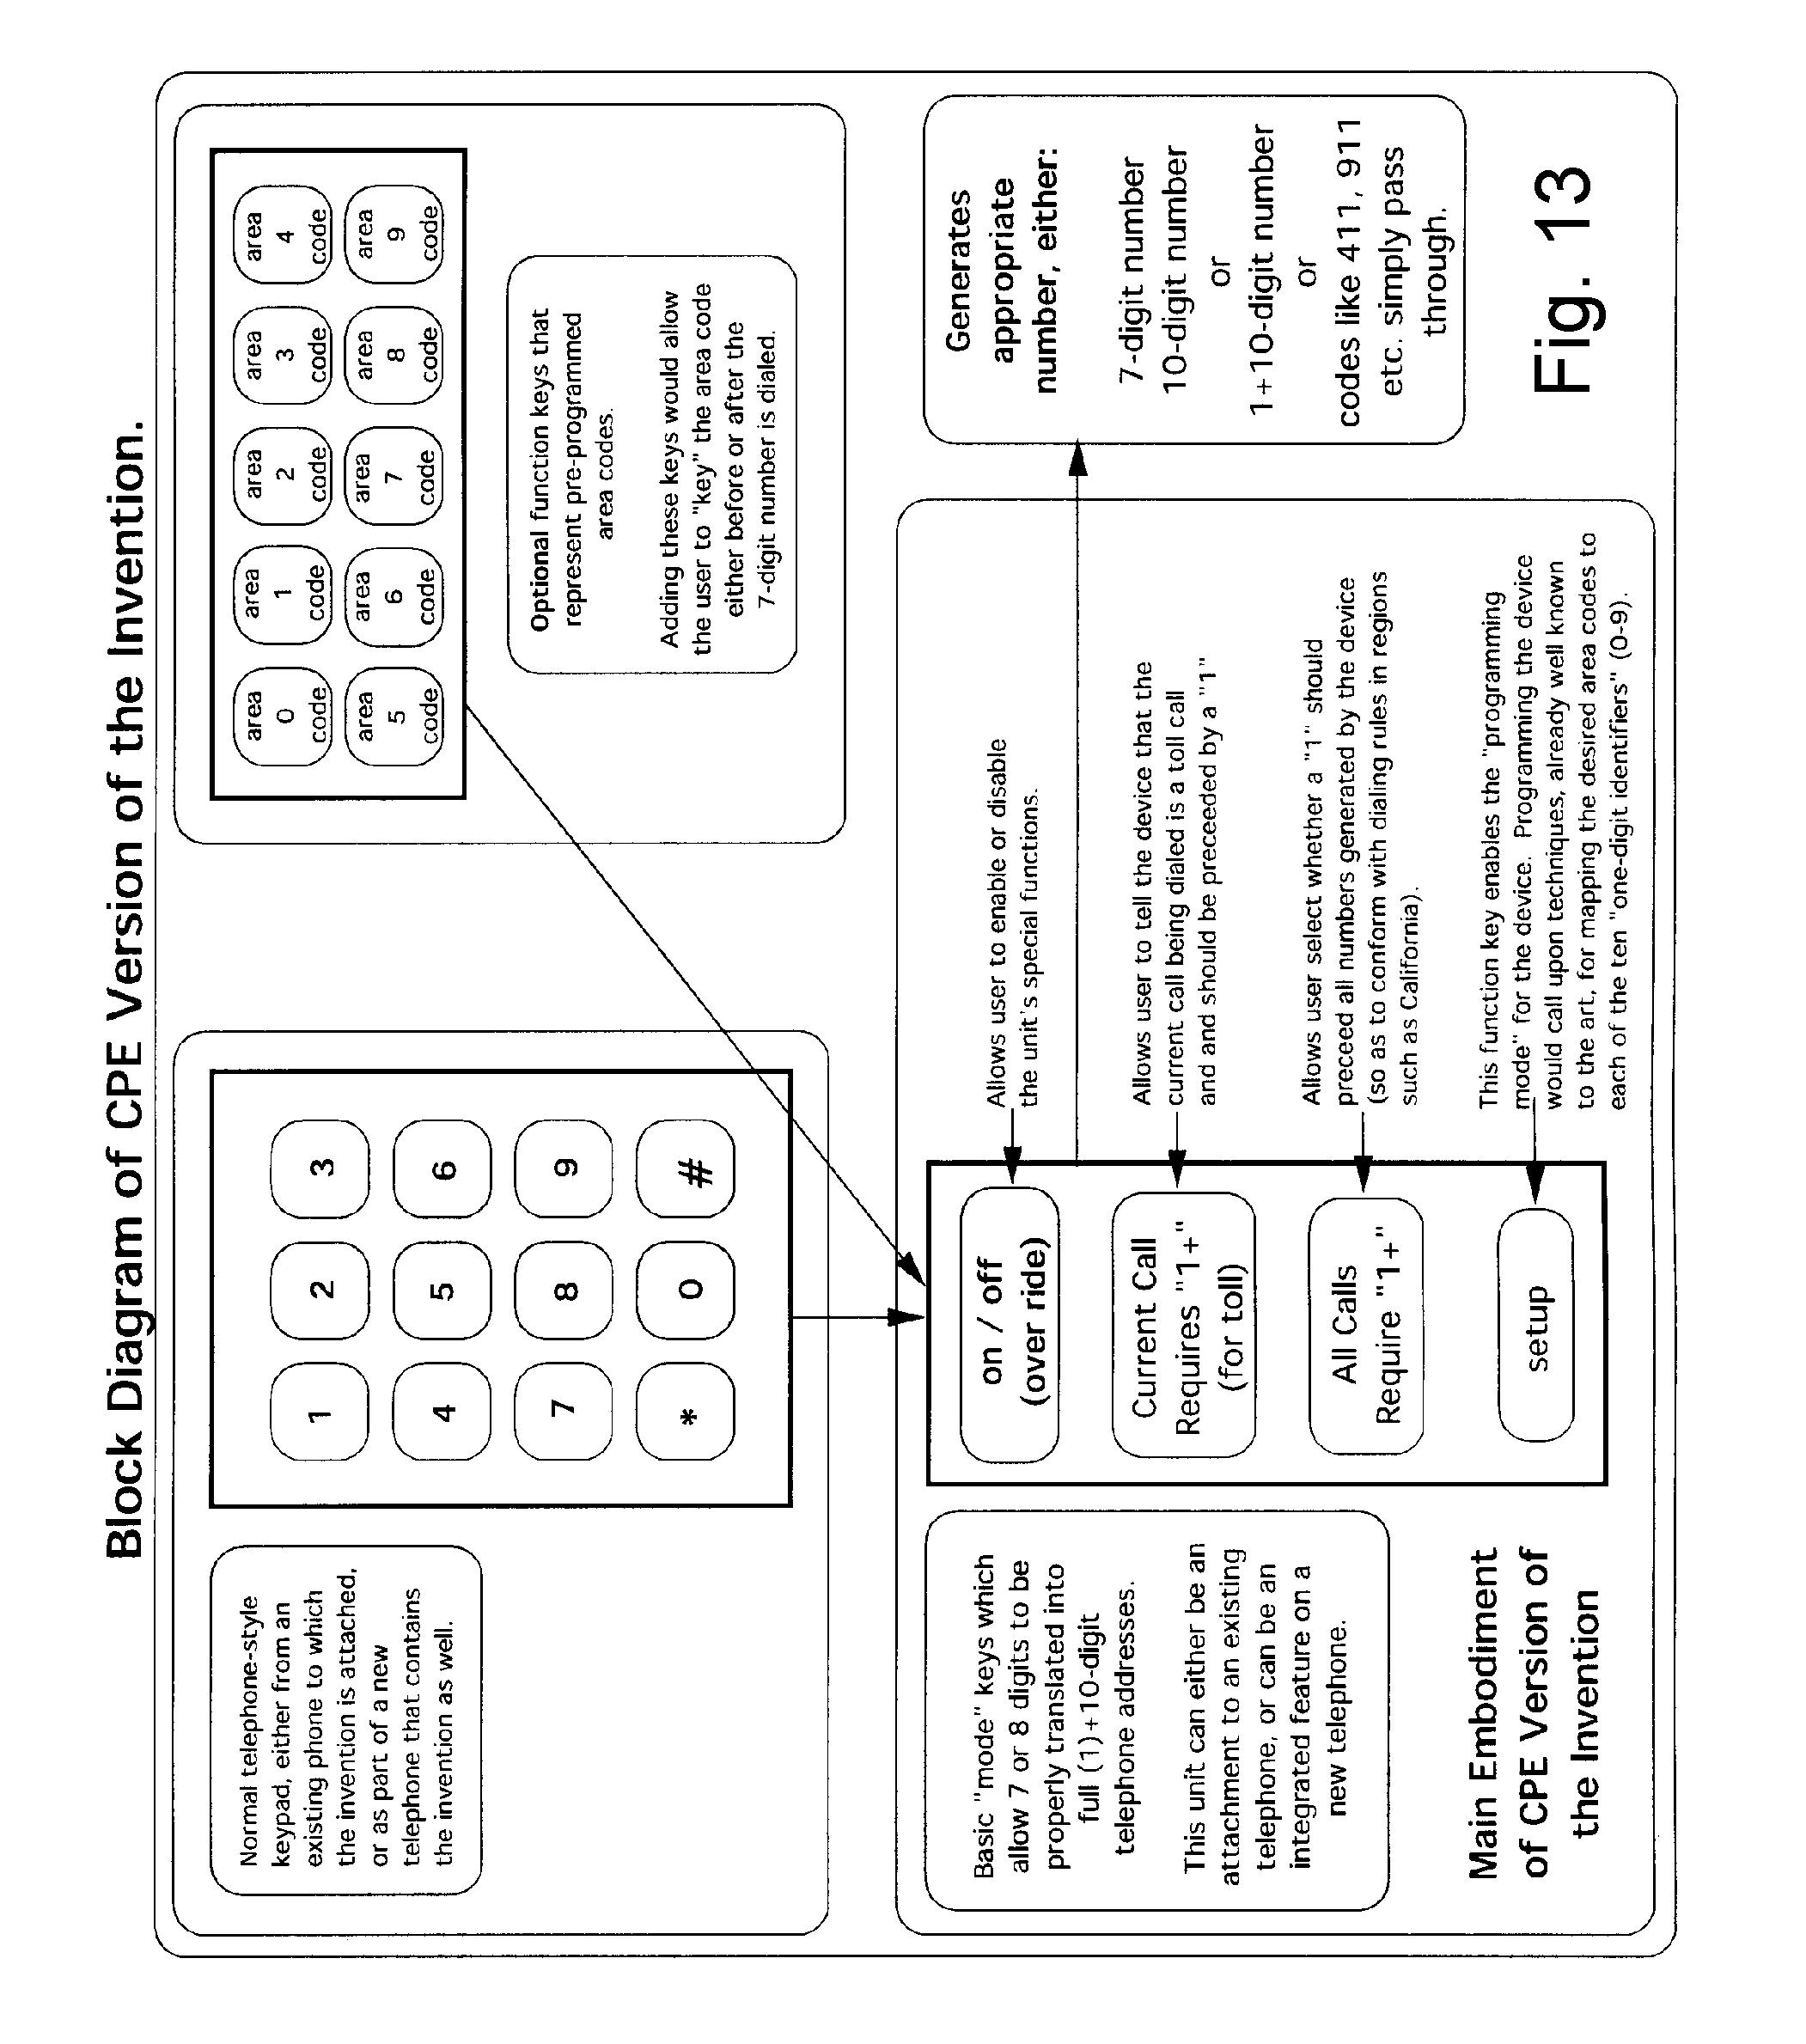 براءة الاختراع US7697678 - Unified method and apparatus to